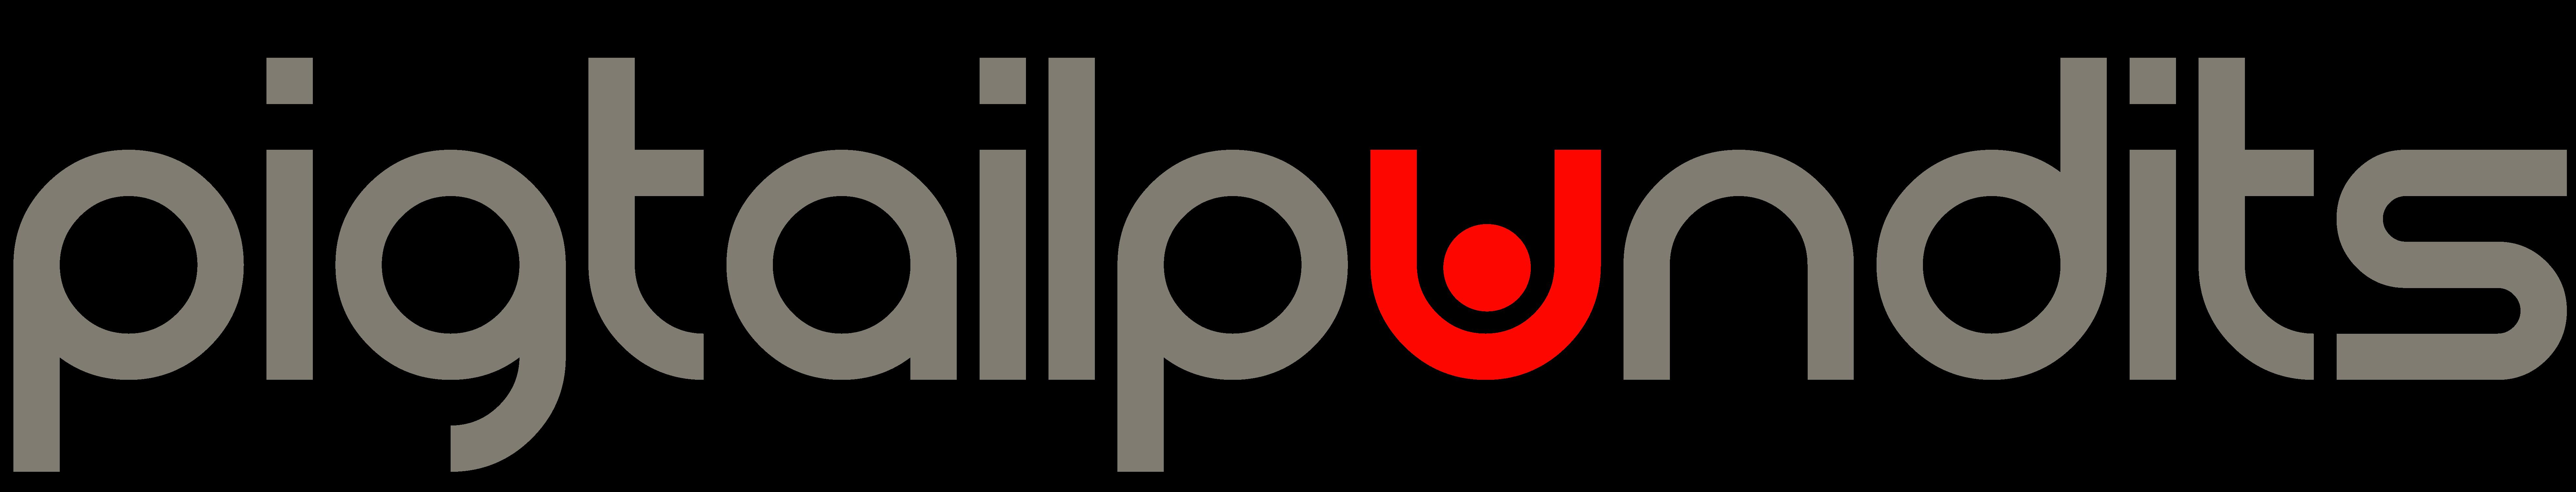 Pigtail Pundits Logo